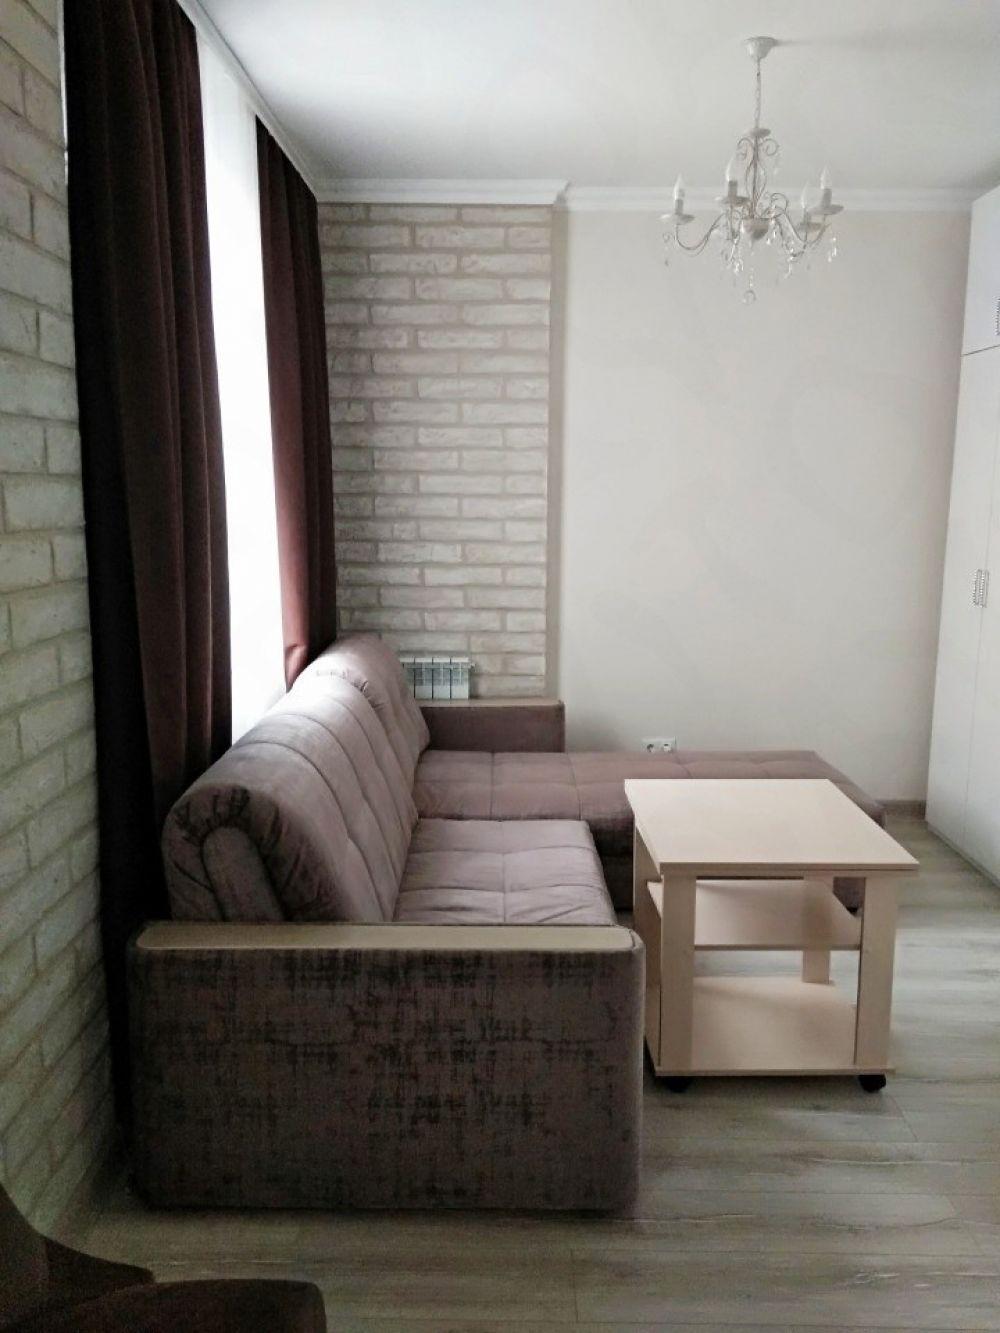 1-к квартира, Щёлково, Богородский, 19, фото 1